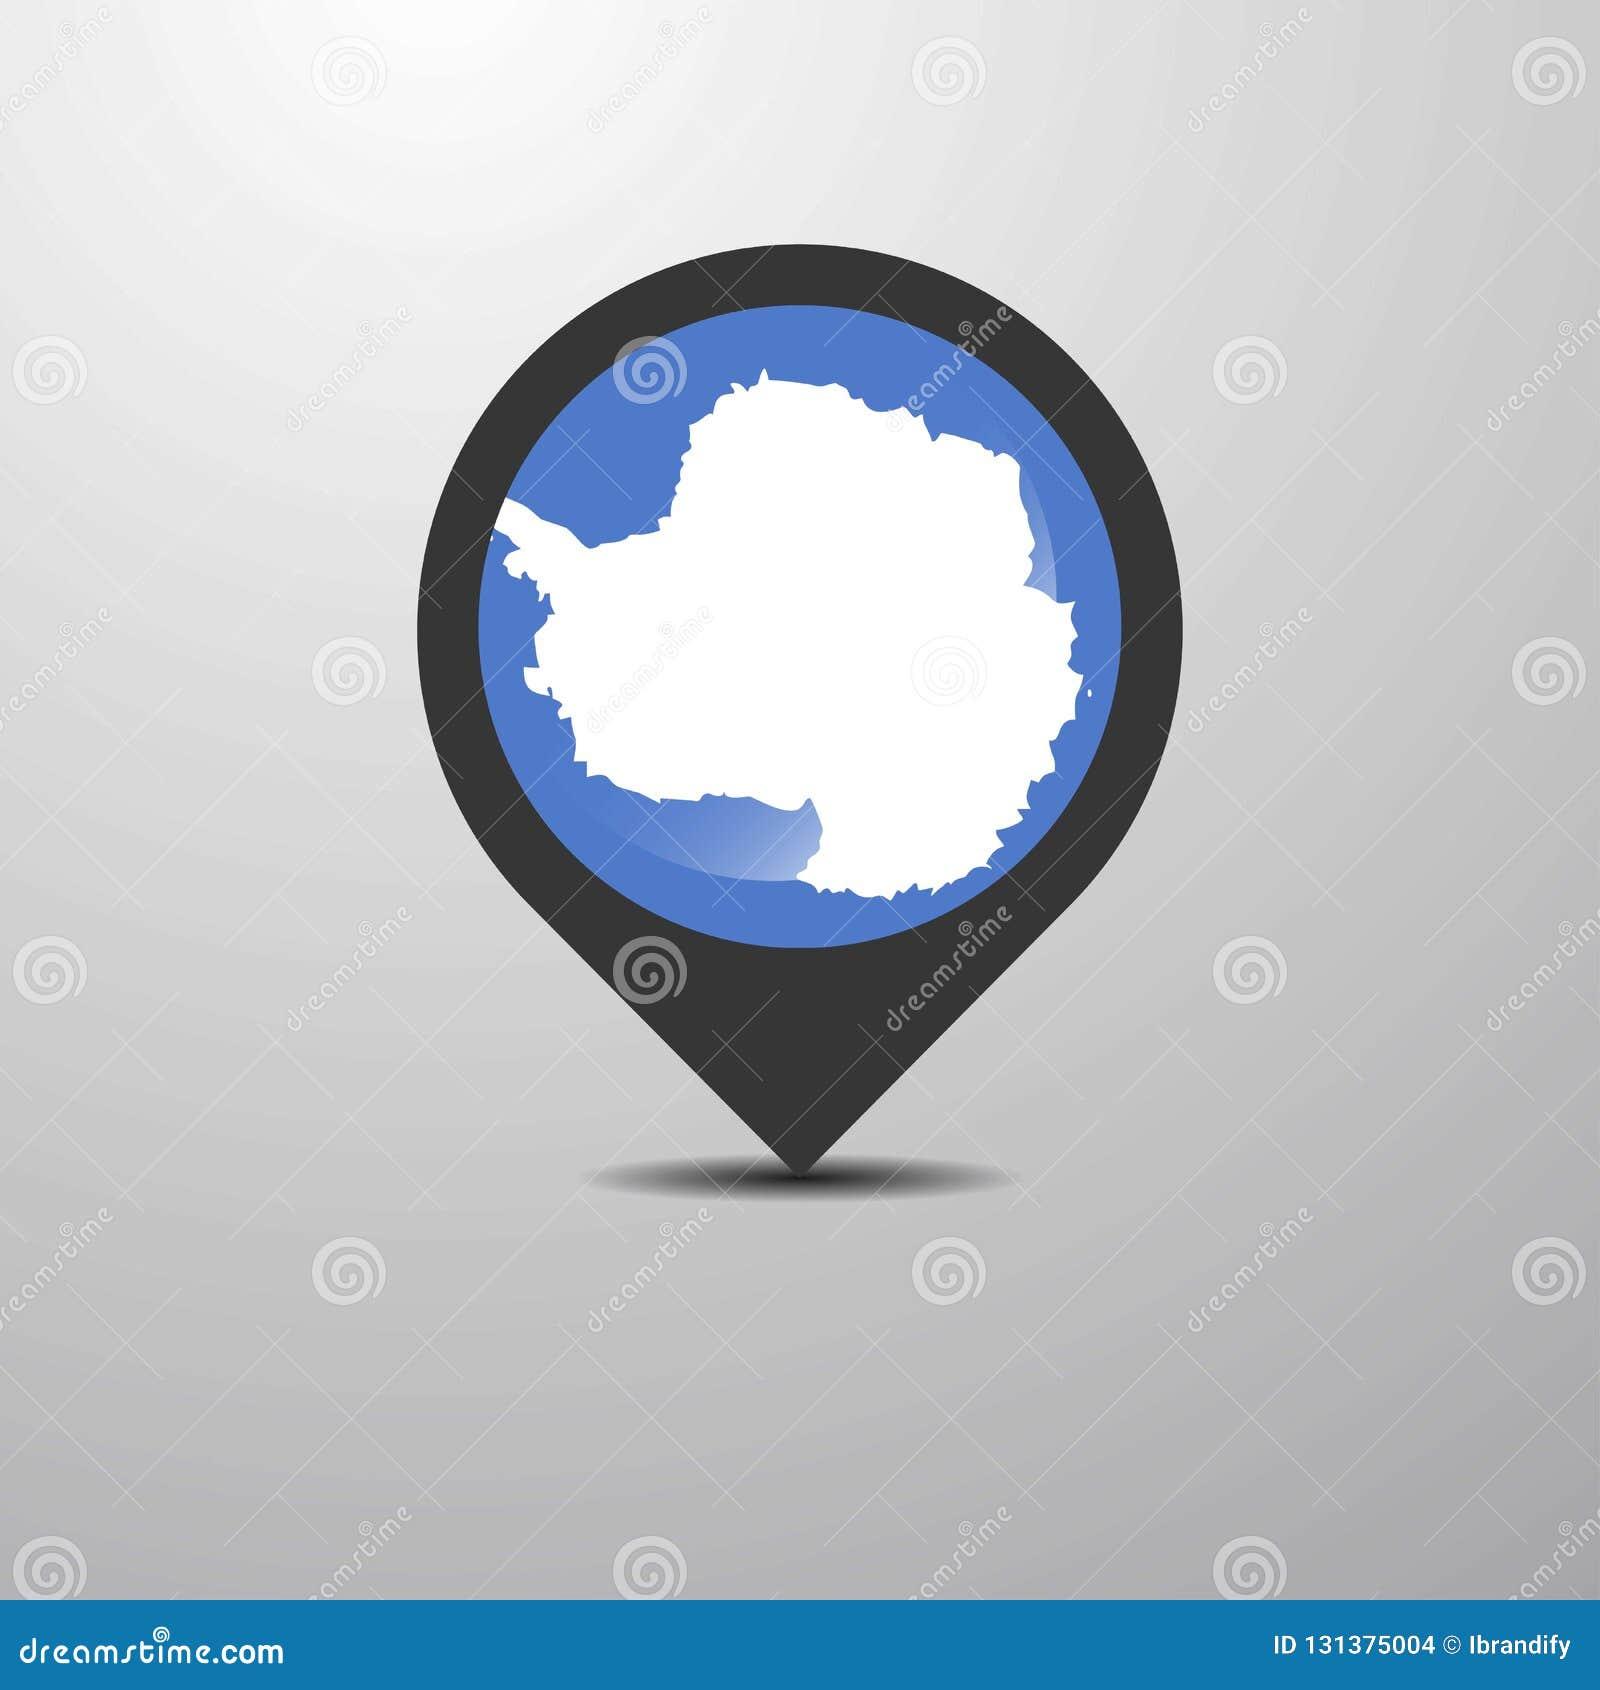 Antarctica Map Pin